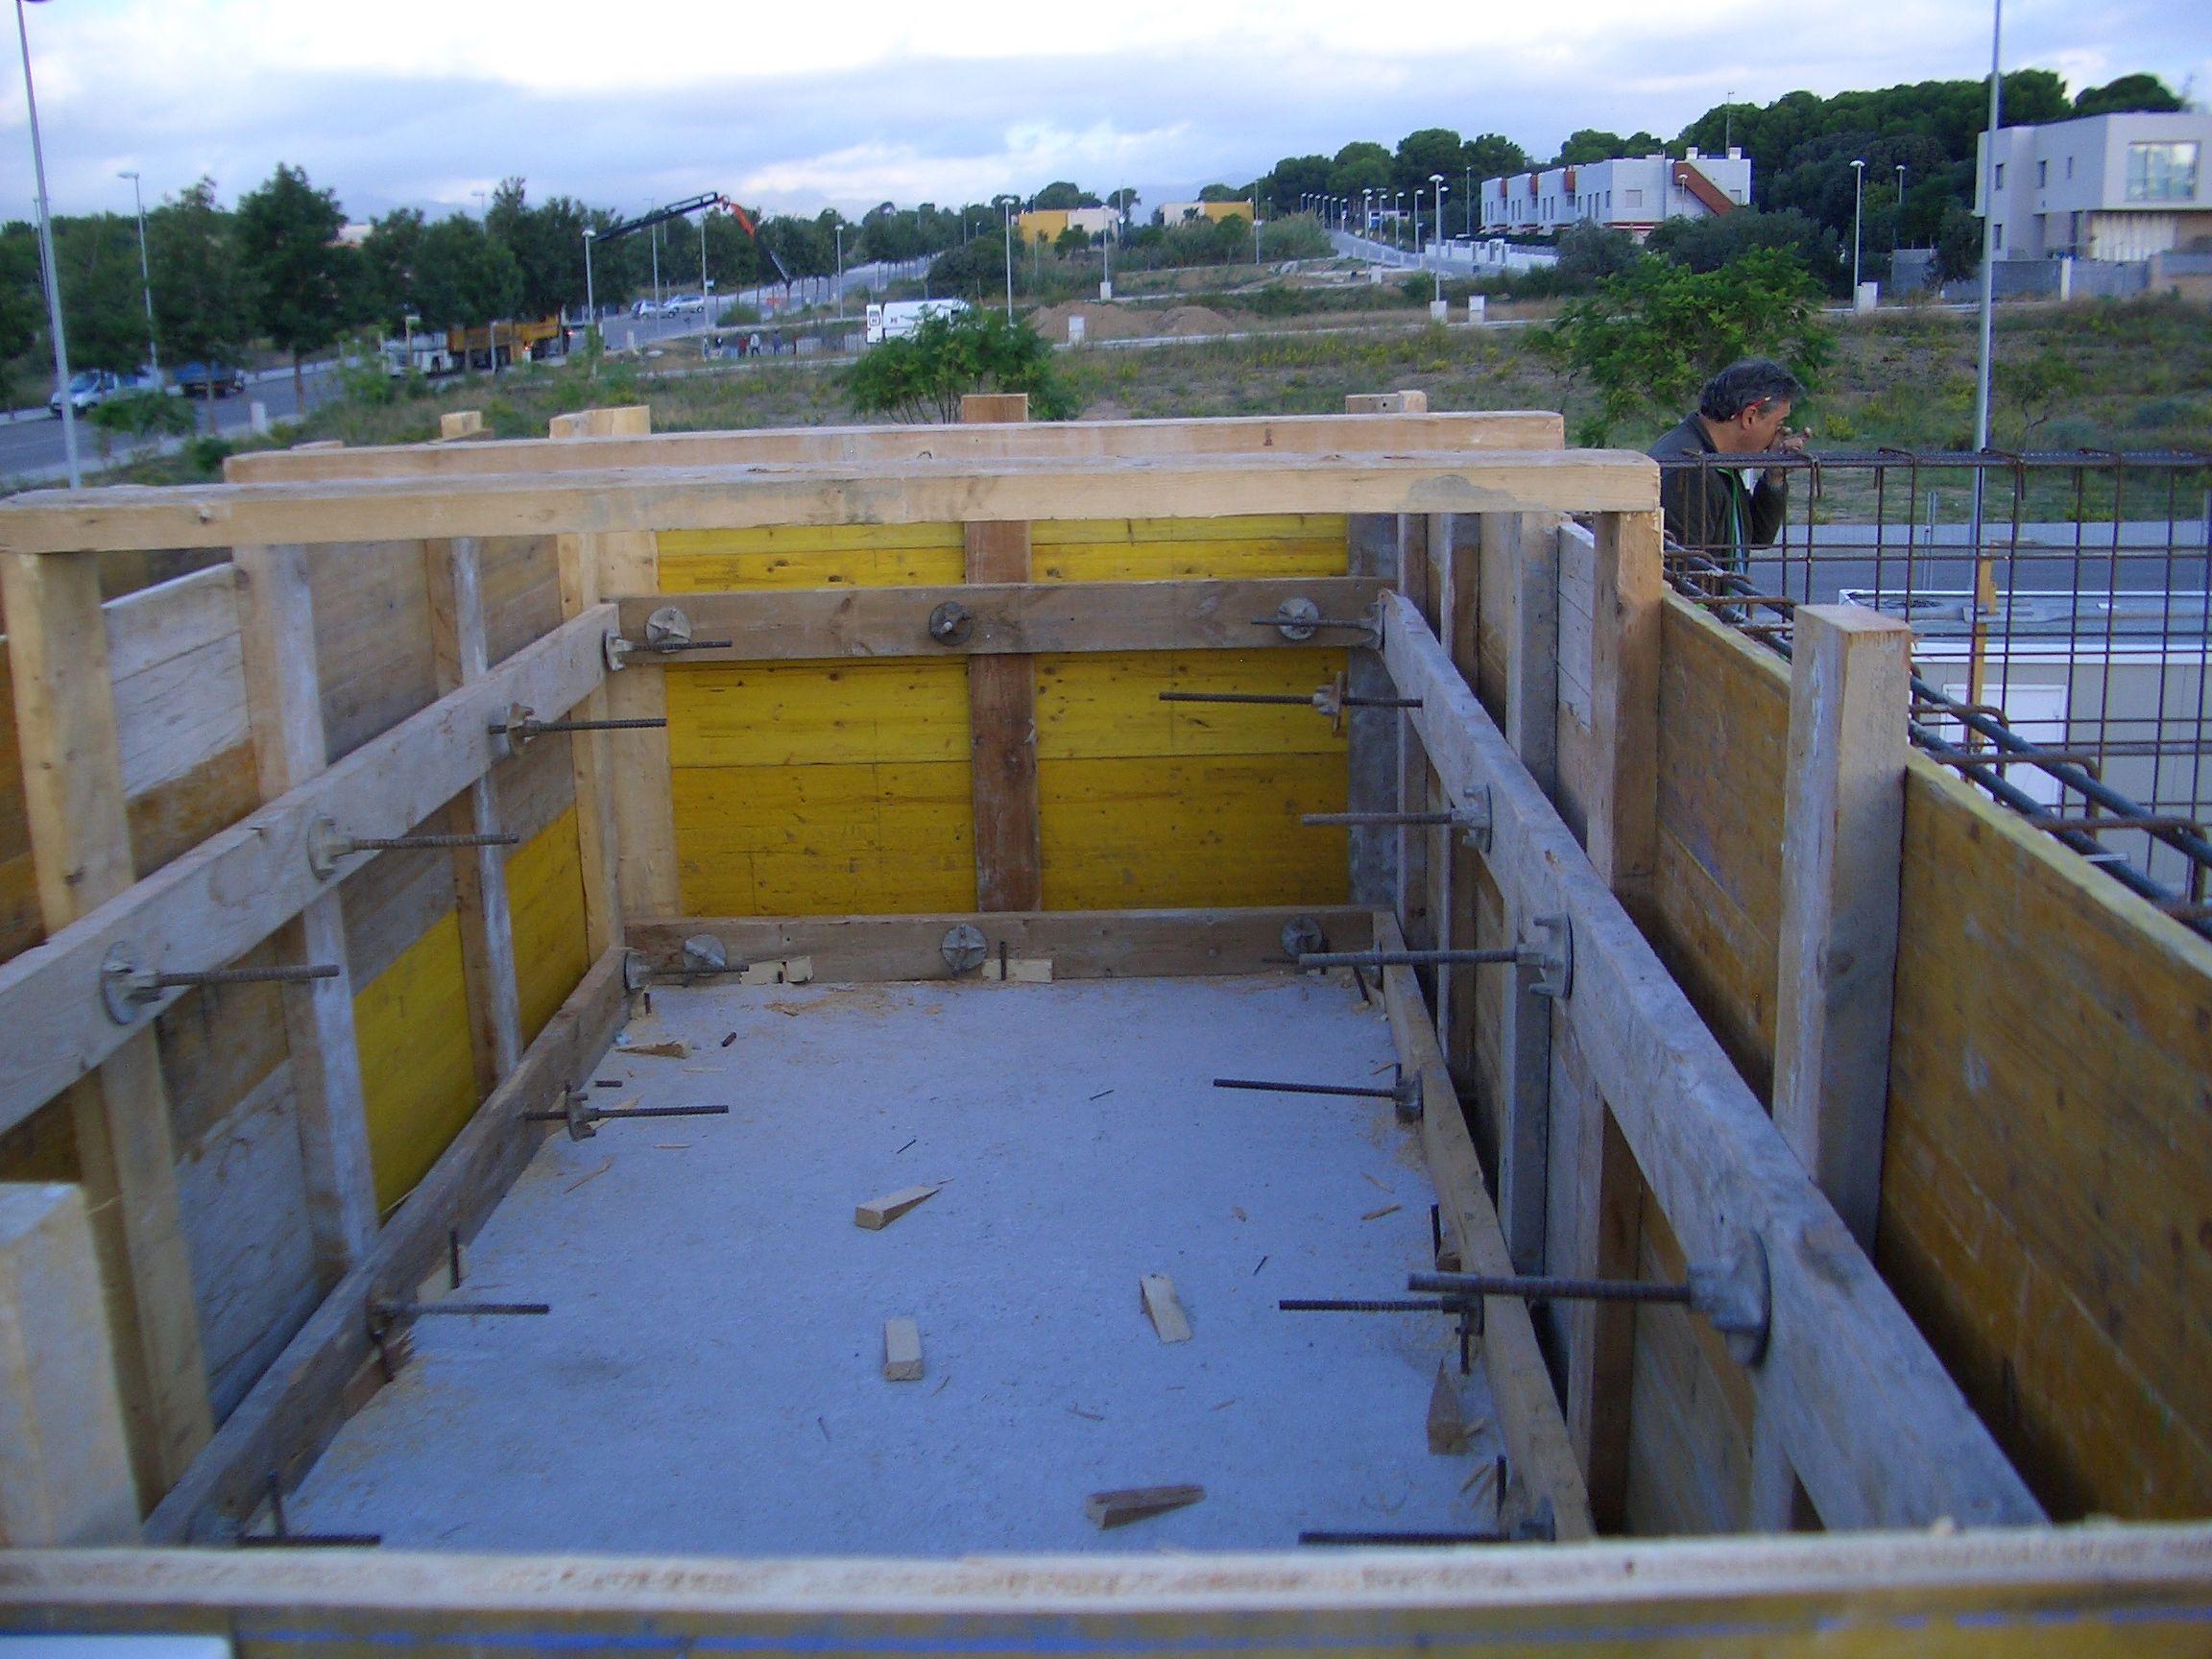 CONSTRUCCIO PISCINA EN UN TERRAT 2